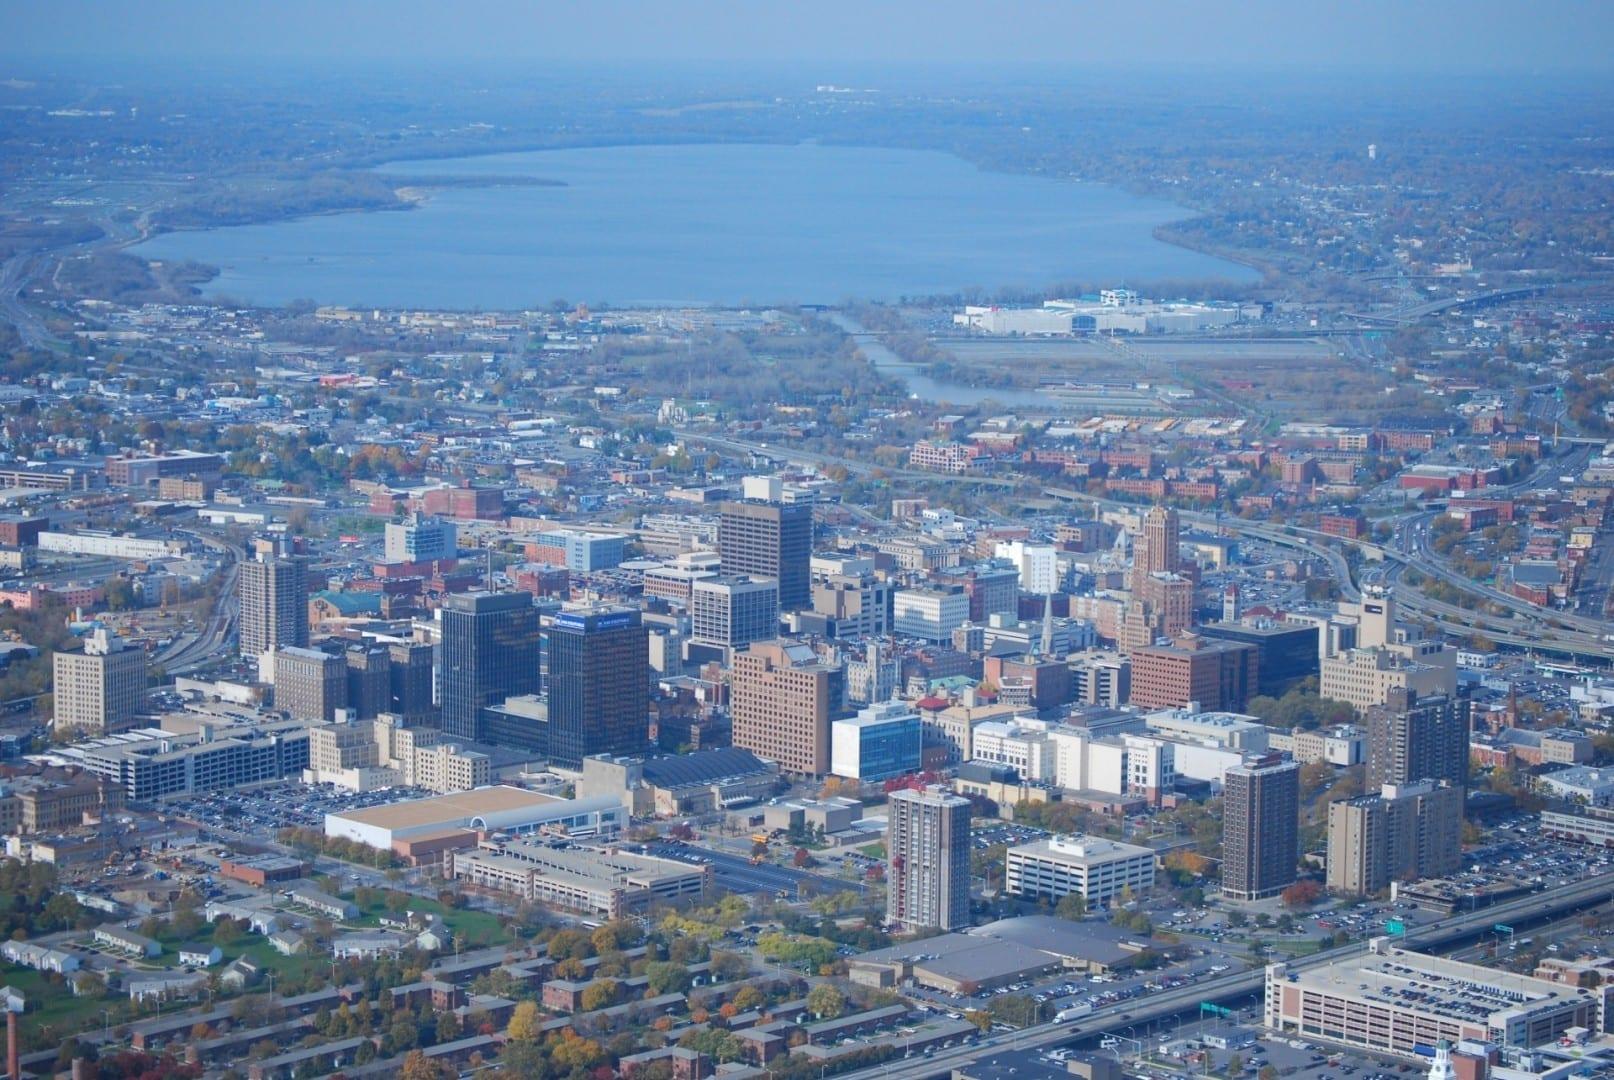 El horizonte del centro de la ciudad con el lago Onondaga visible en el fondo Syracuse NY Estados Unidos